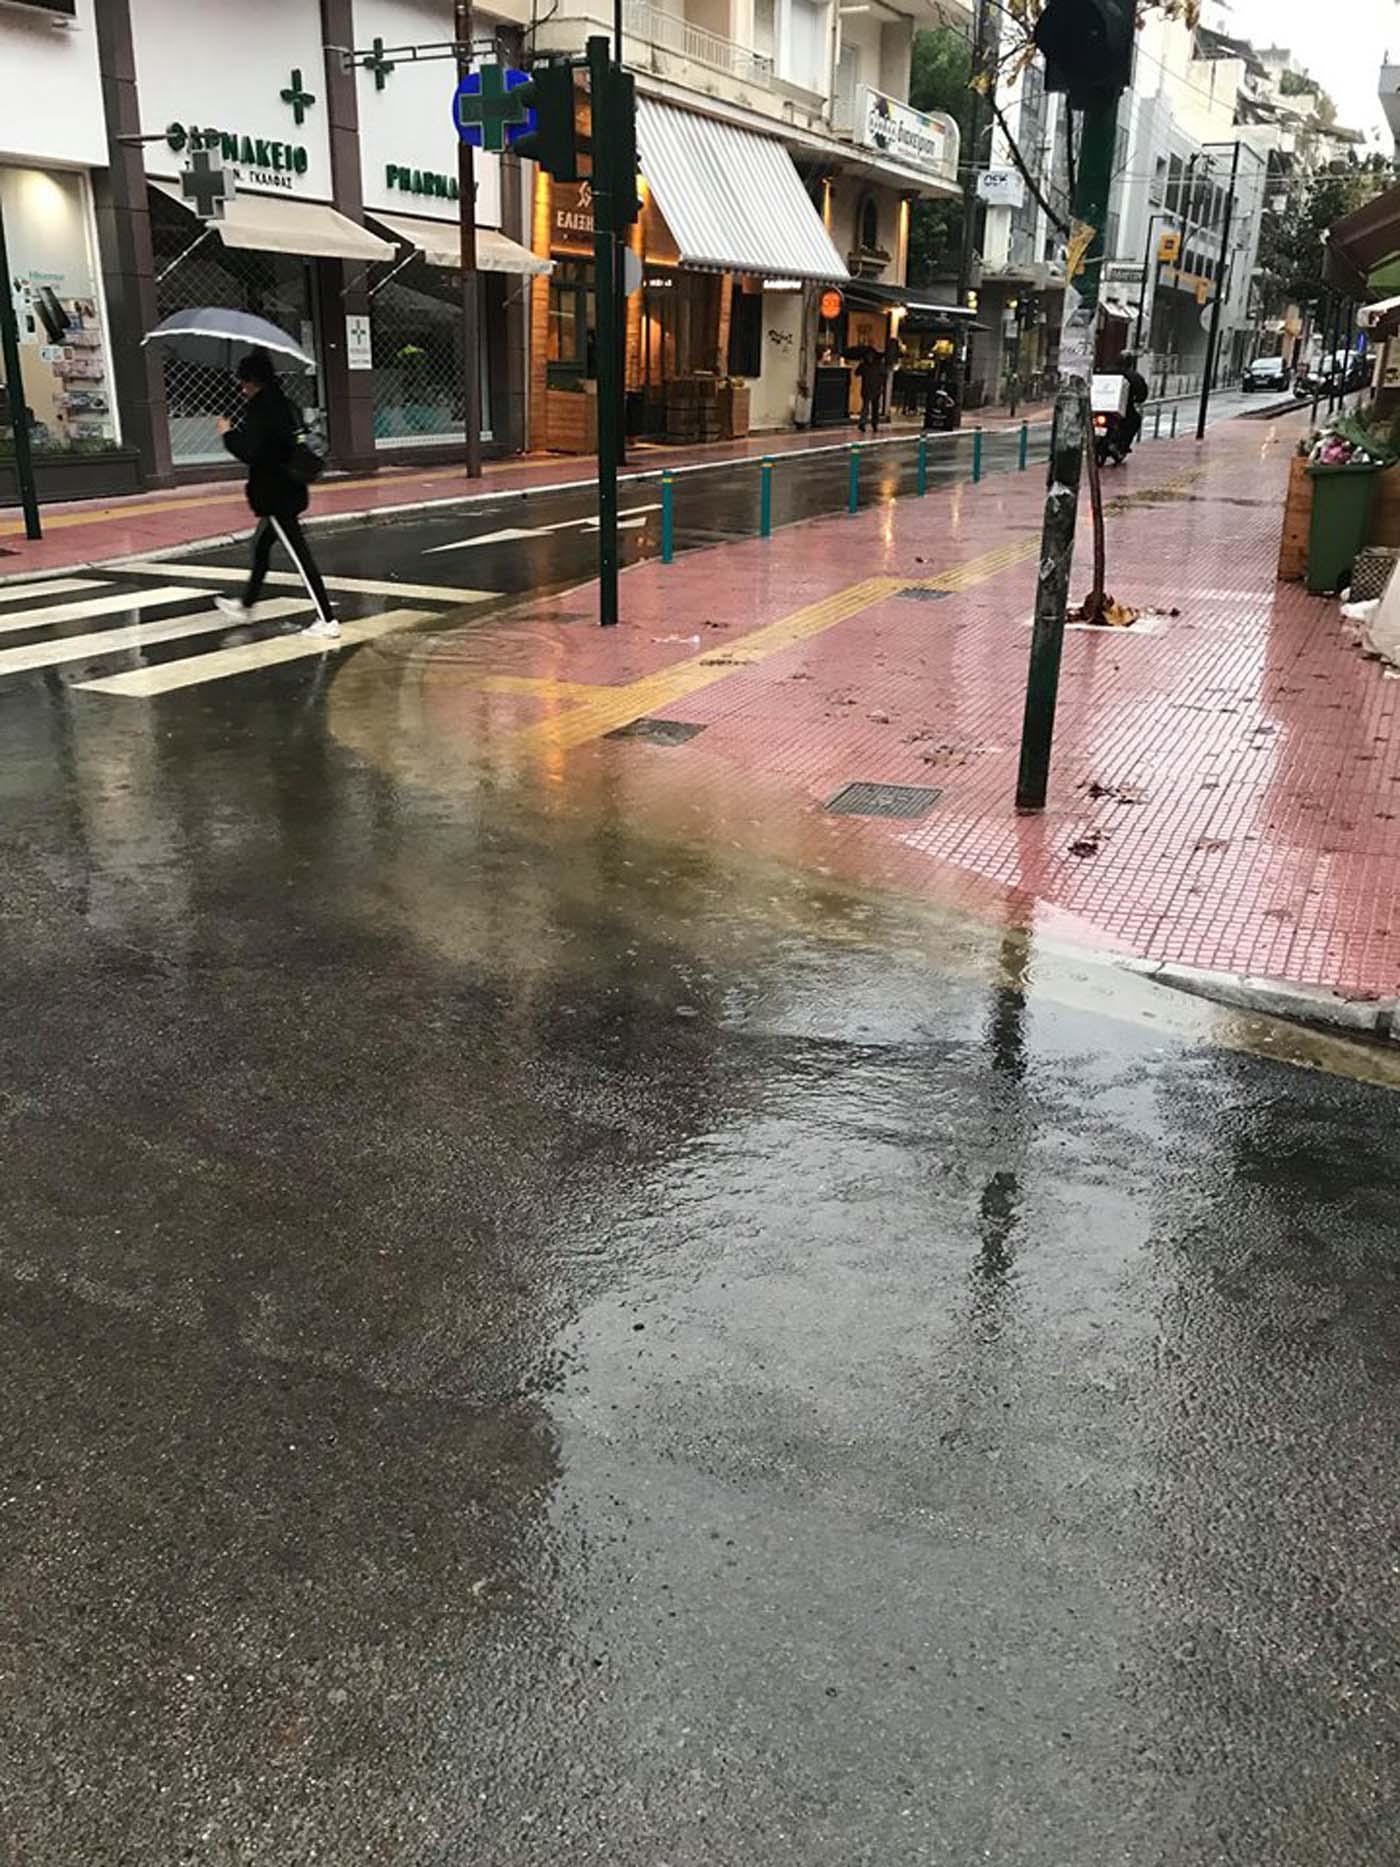 Με μία βροχούλα δημιουργήθηκε λίμνη νερού στα ολοκαίνουρια έργα του κέντρου της Λάρισας; (φωτό)